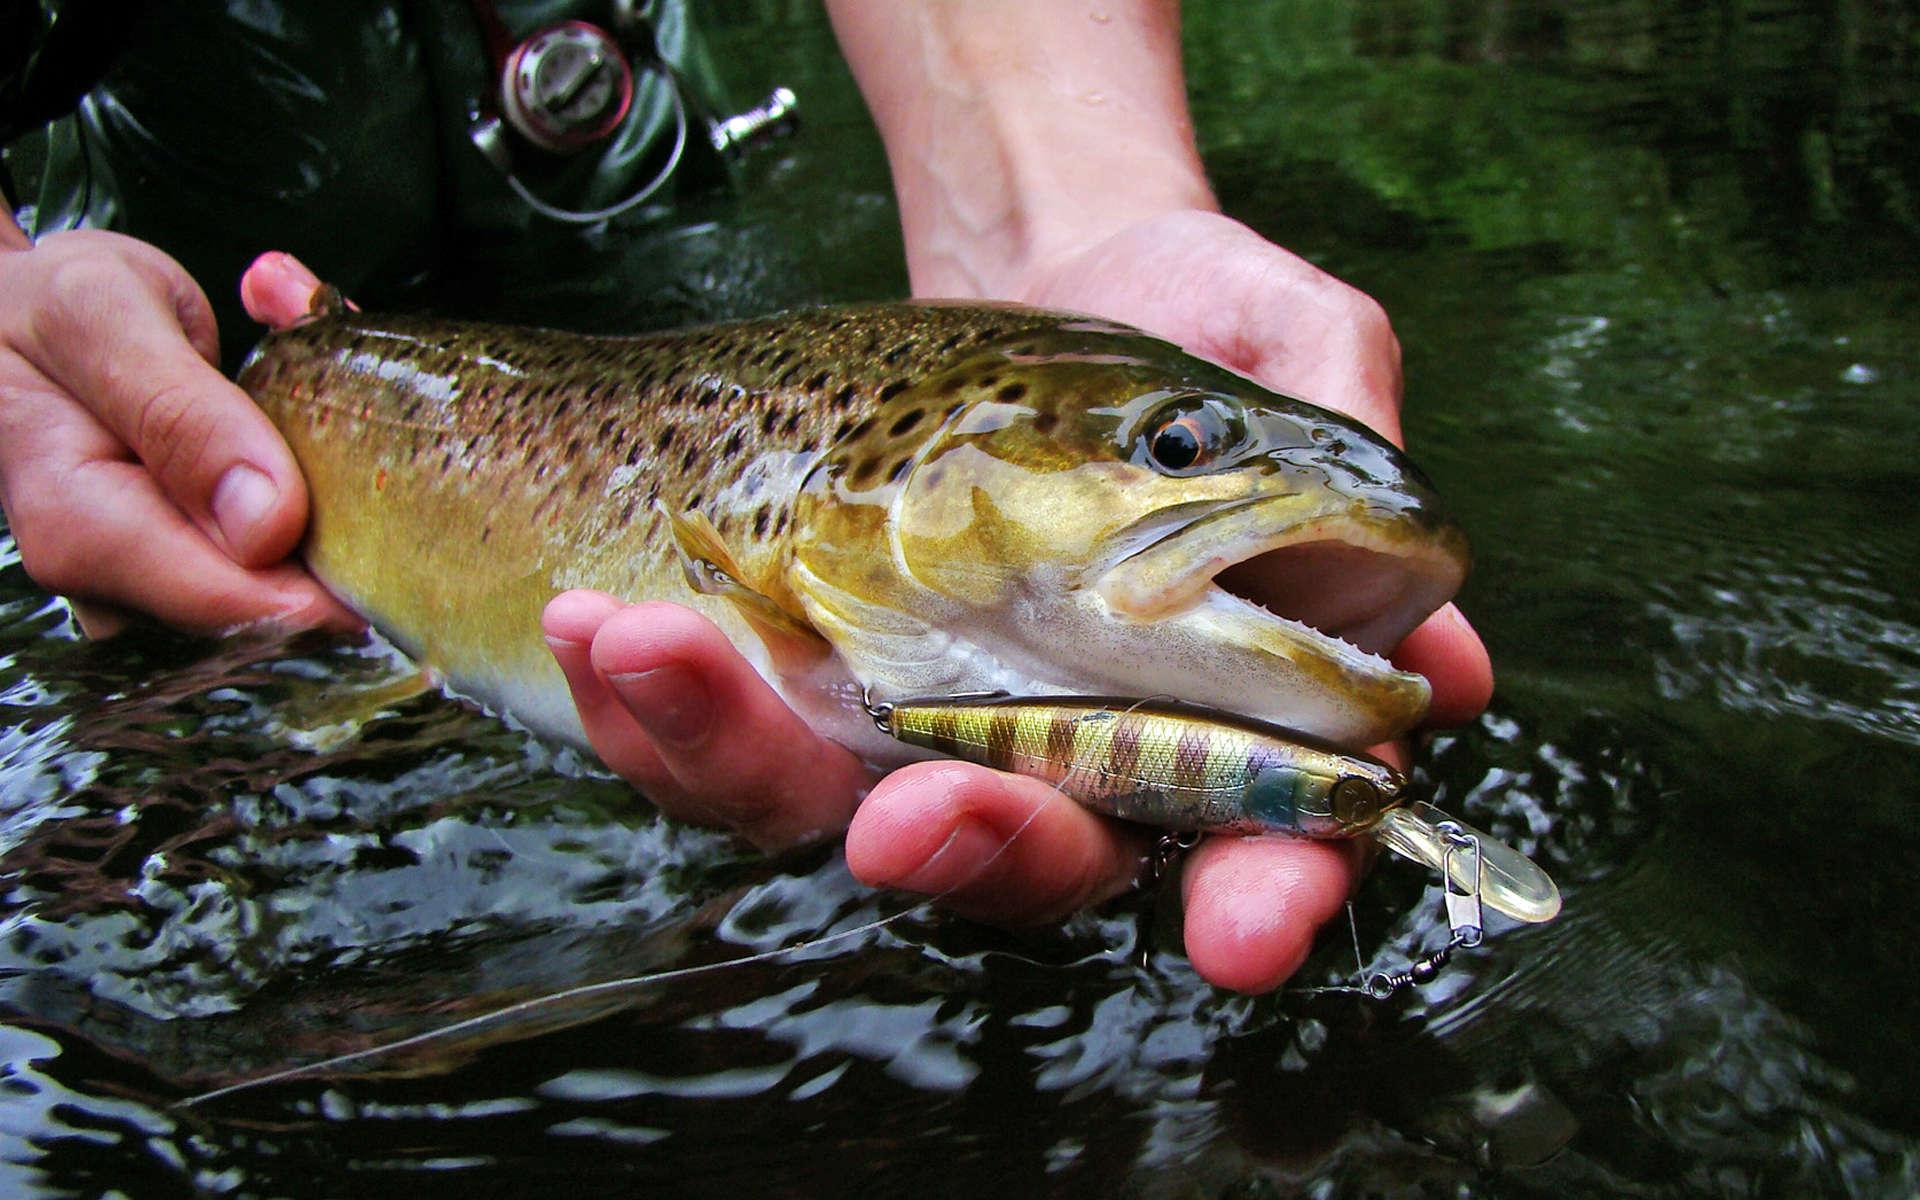 Truite fario dans la main d'un pêcheur (Crédits Illex Squirrel - Flickr)